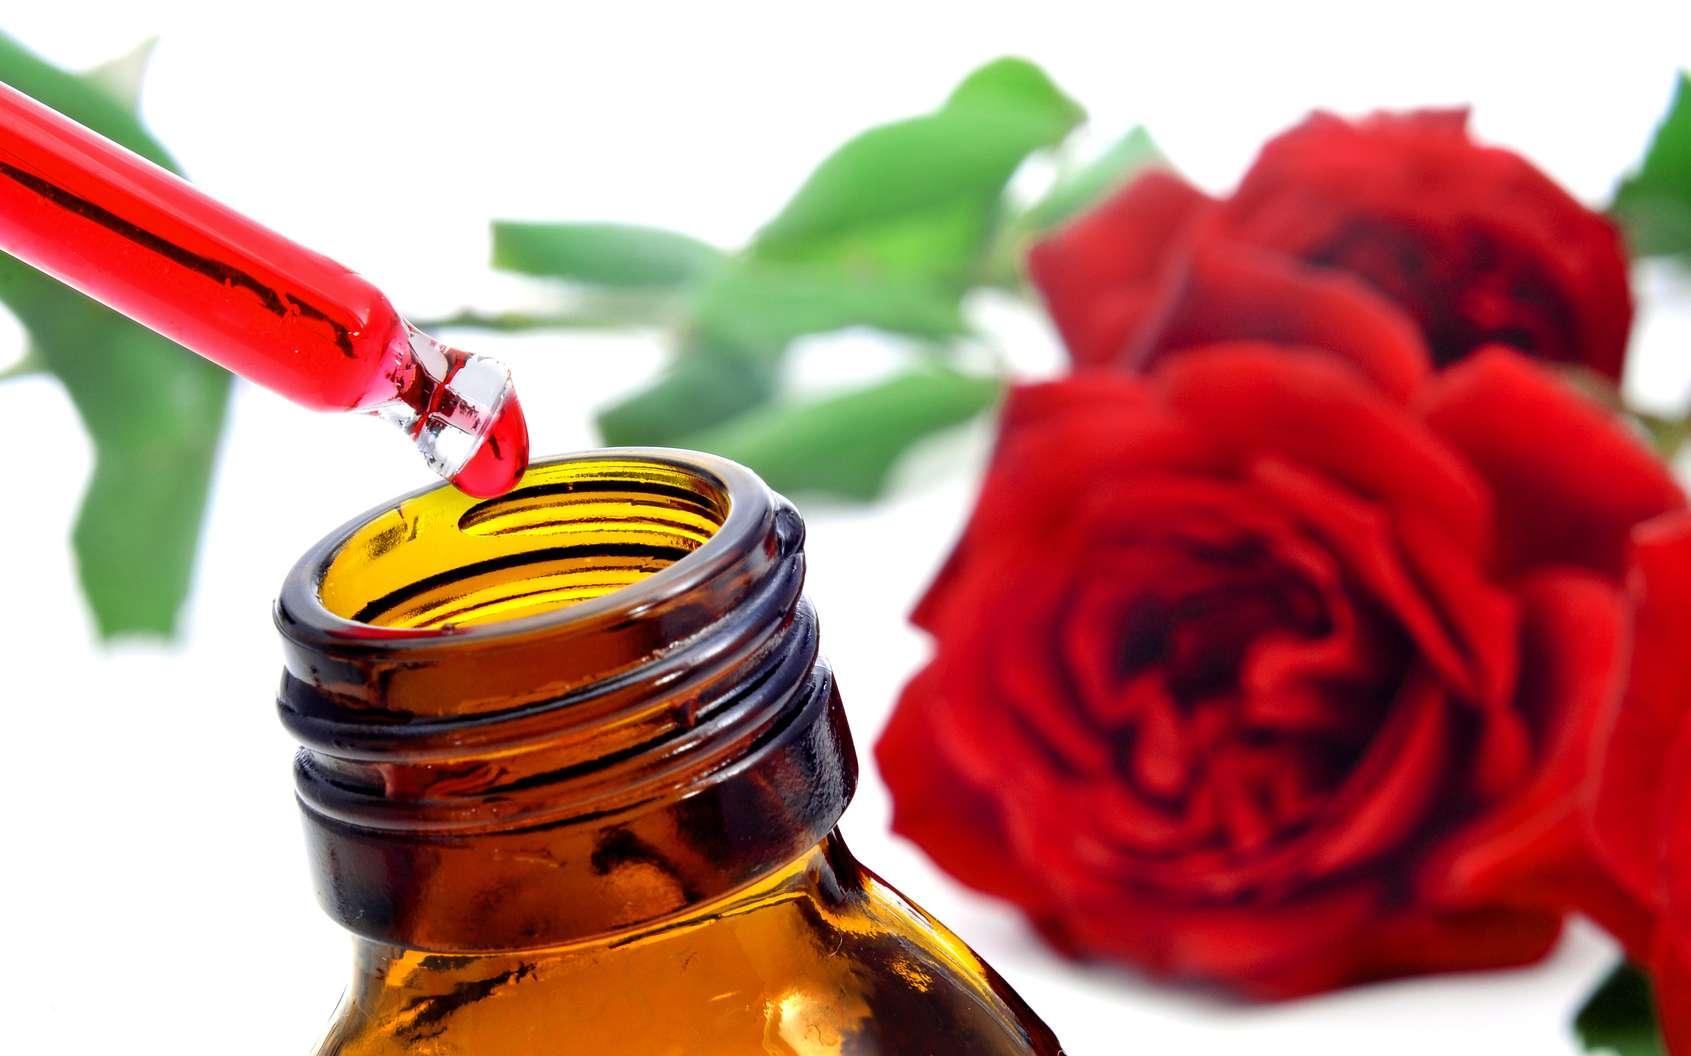 Le parfumeur peut se servir d'essence naturelle de plante ou d'ingrédients de synthèse pour fabriquer une fragrance. © nito, Fotolia.